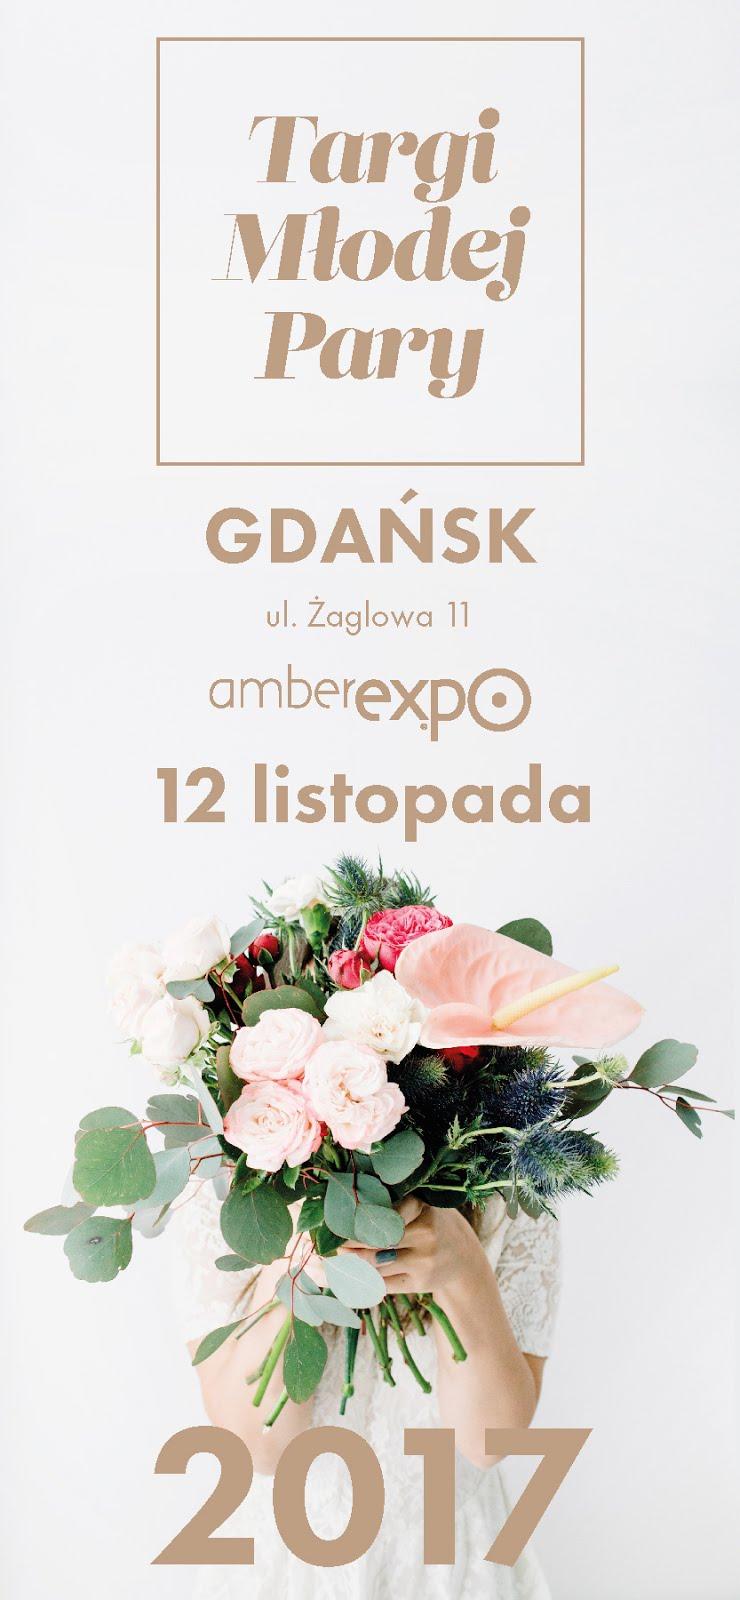 wychodzezamaz.pl patronem medialnym Targów Młodej Pary w Amber Expo